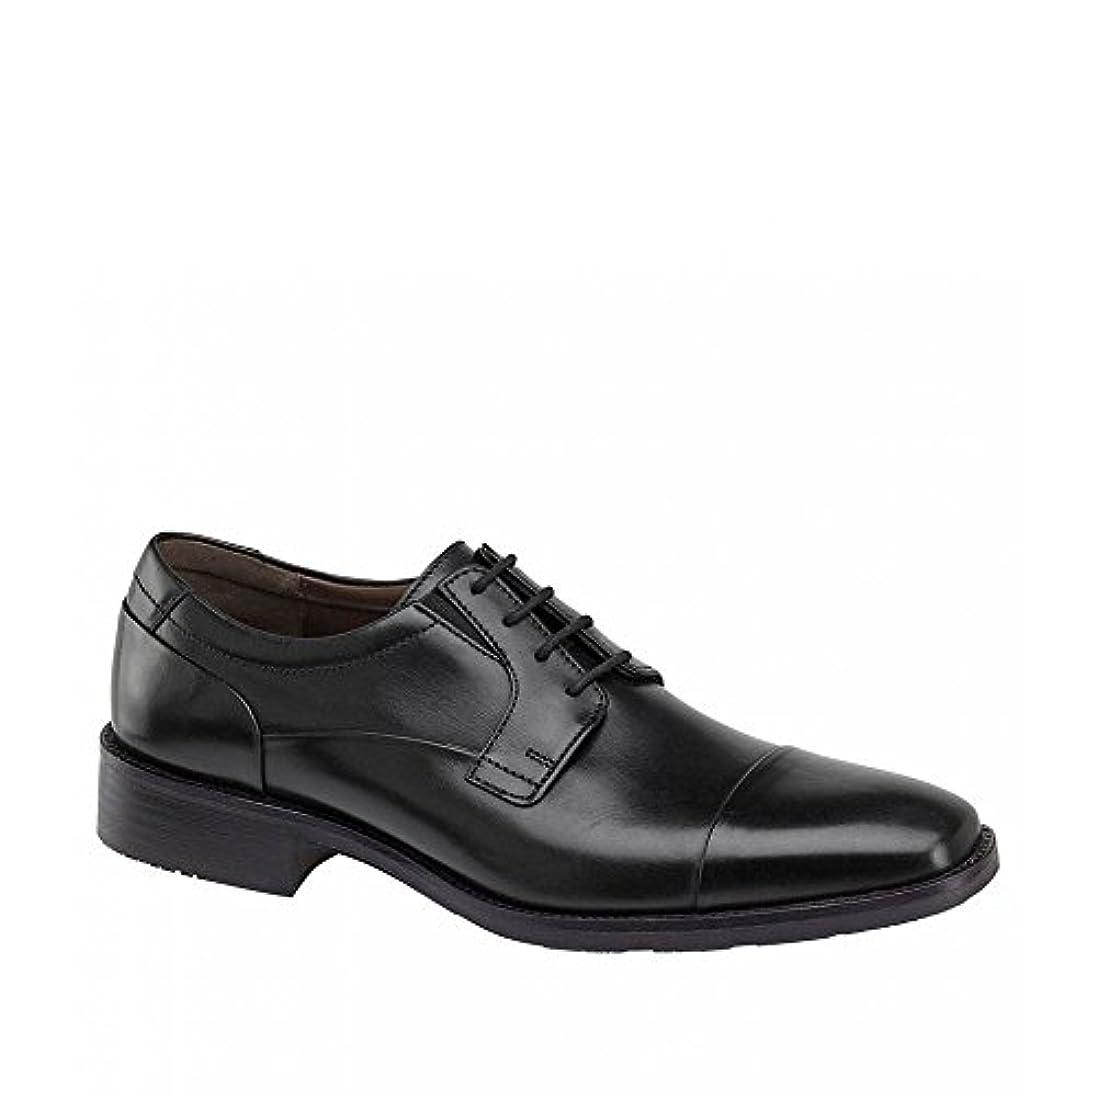 ハウジング五月待つ(ジョンストン&マーフィー) Johnston & Murphy メンズ シューズ?靴 革靴?ビジネスシューズ Lancaster Cap Toe Oxfords [並行輸入品]